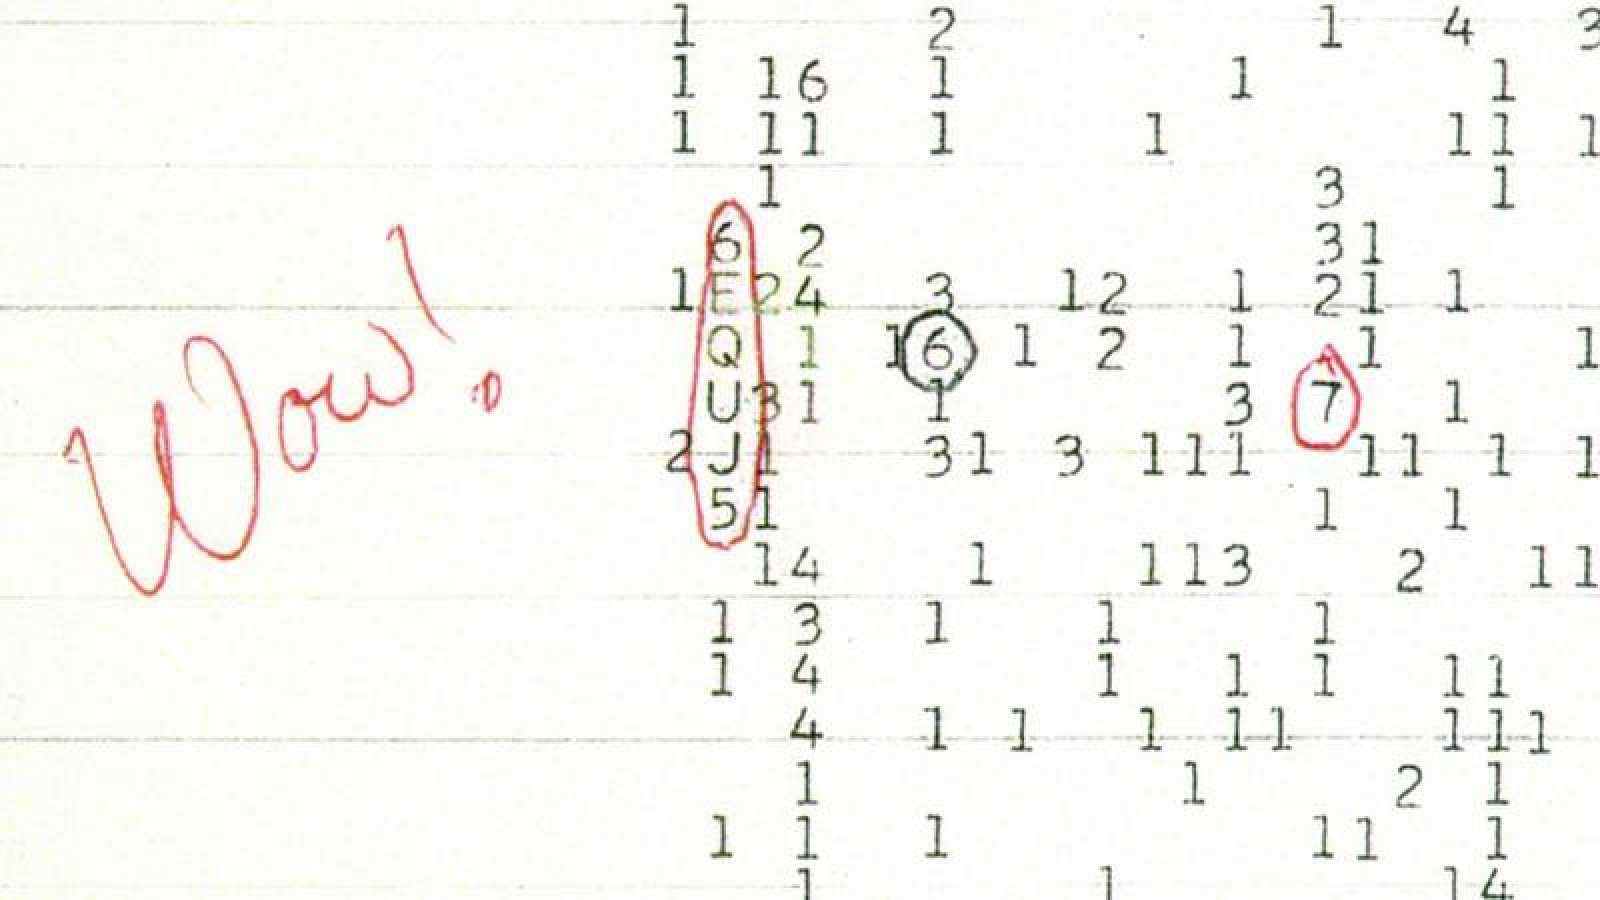 Debido a la sorpresa que le produjo, el astrónomo que descubrió la señal anotó la palabra 'Wow!' en una hoja de papel y dio el nombre al fenómeno.